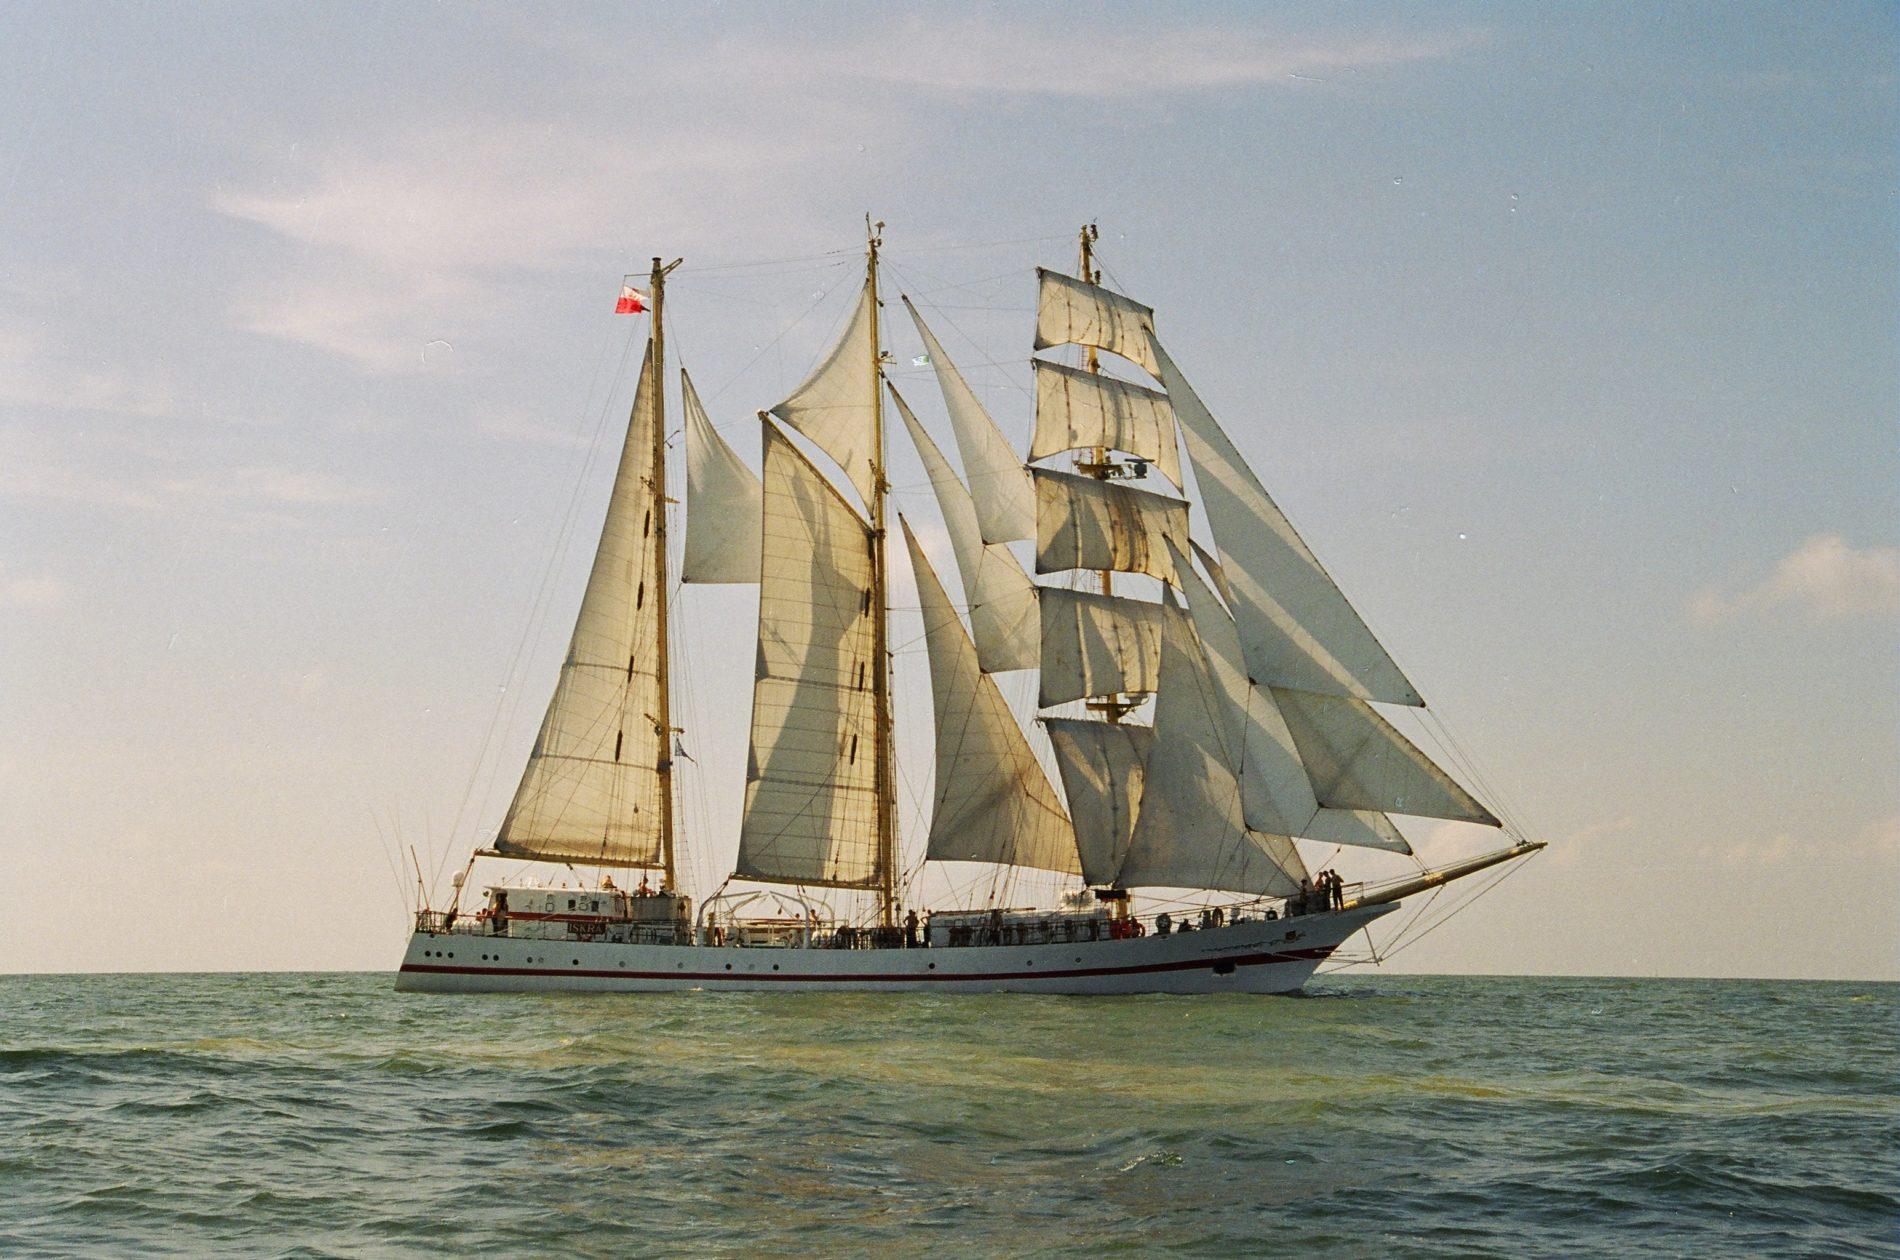 Het schip de Iskra ligt er prachtig bij in het water en wordt geraakt door de zon